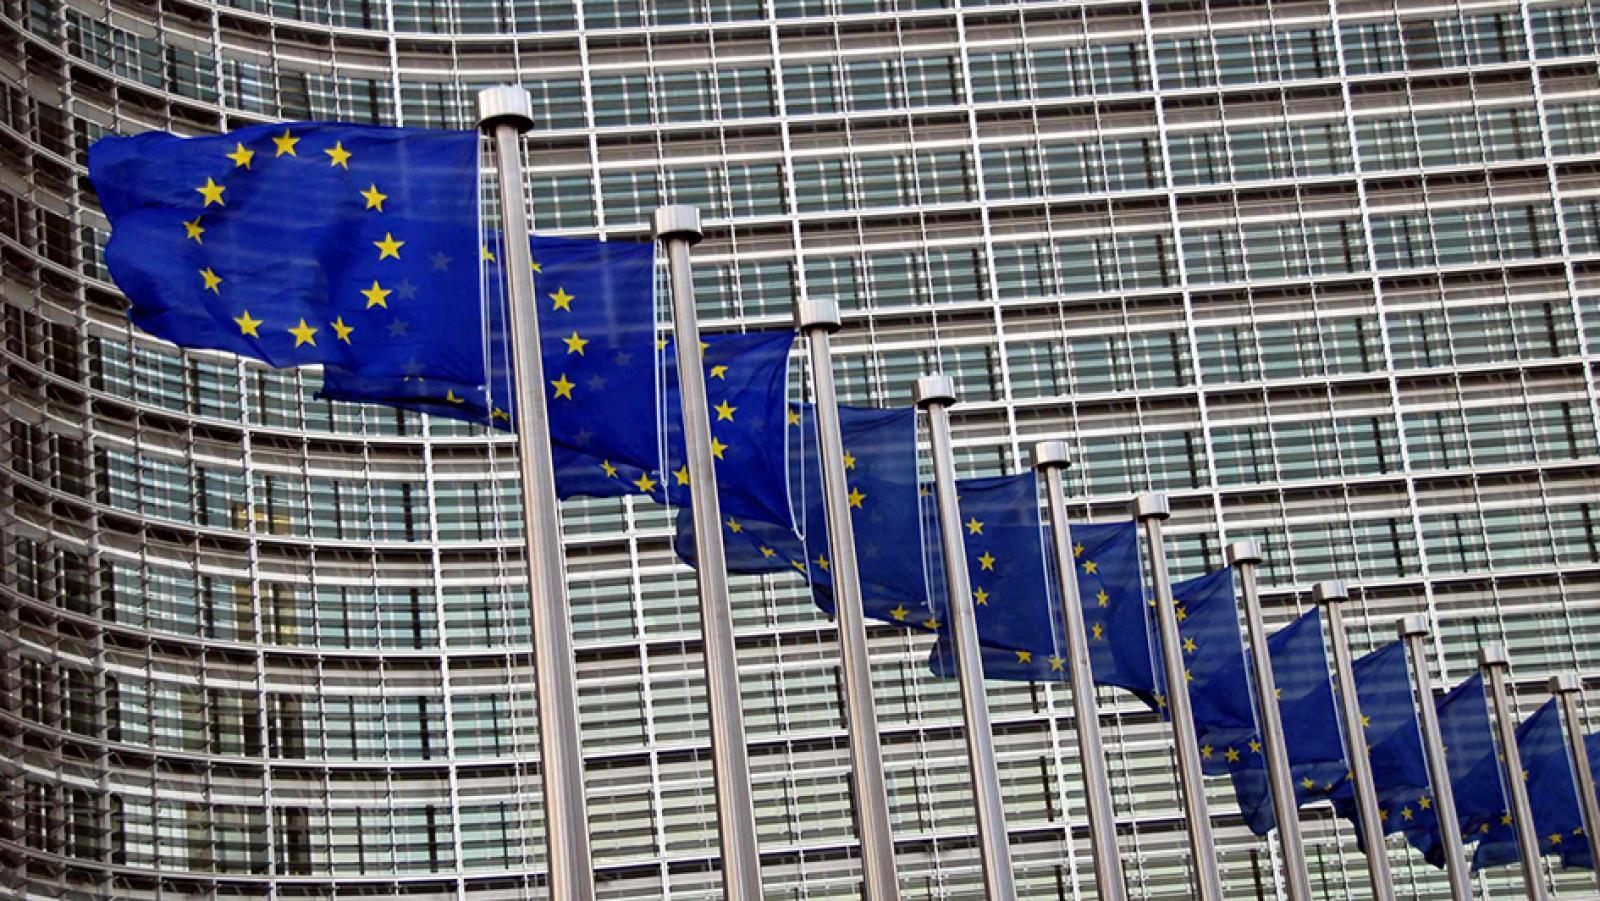 Influenţi, alerţi şi informaţi în negocierile din UE – Expertiză şi consultare în politici europene